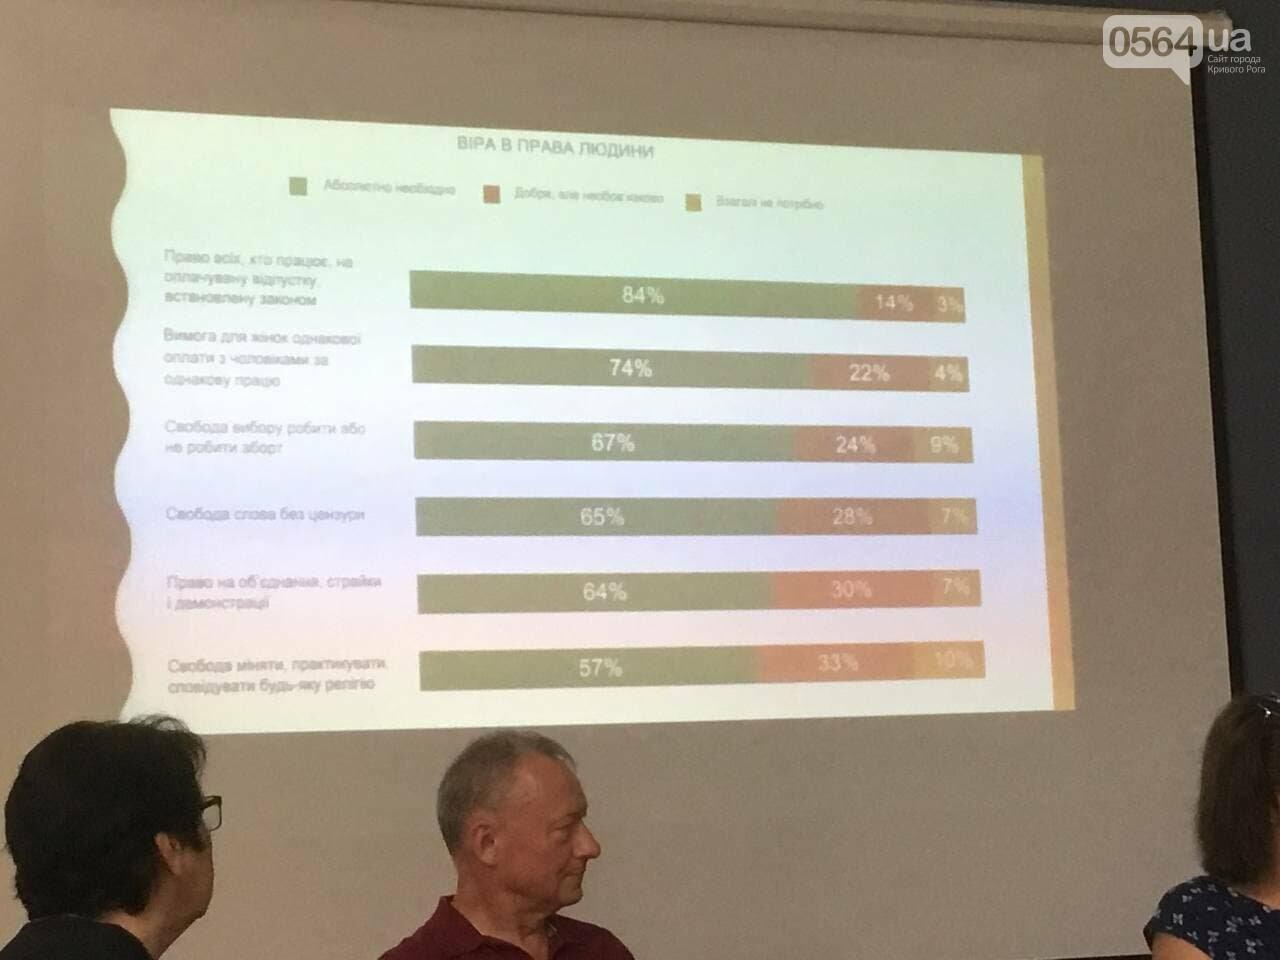 Правовой Weekend в Кривом Роге: правозащитники обсудили проблемы социальной сплочённости, - ФОТО, ВИДЕО, фото-9